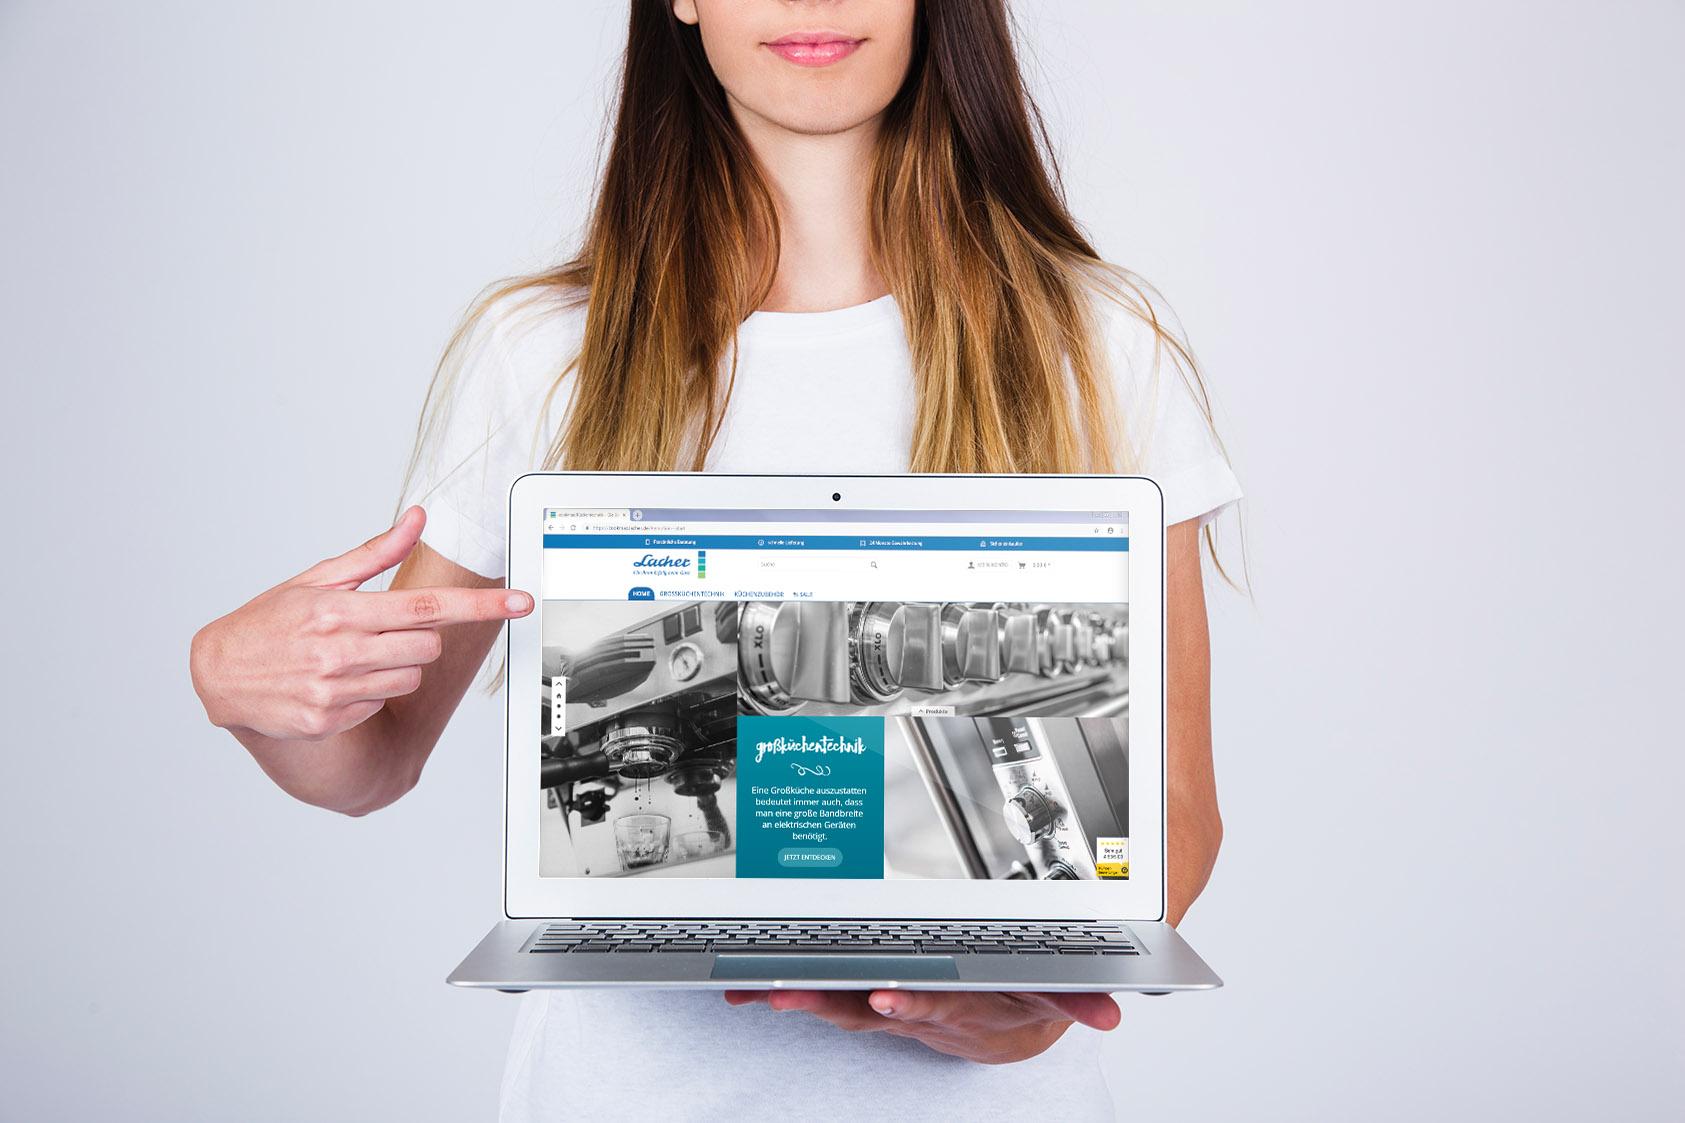 Frau zeigt mit Finger auf Laptop mit geöffnetem Shop